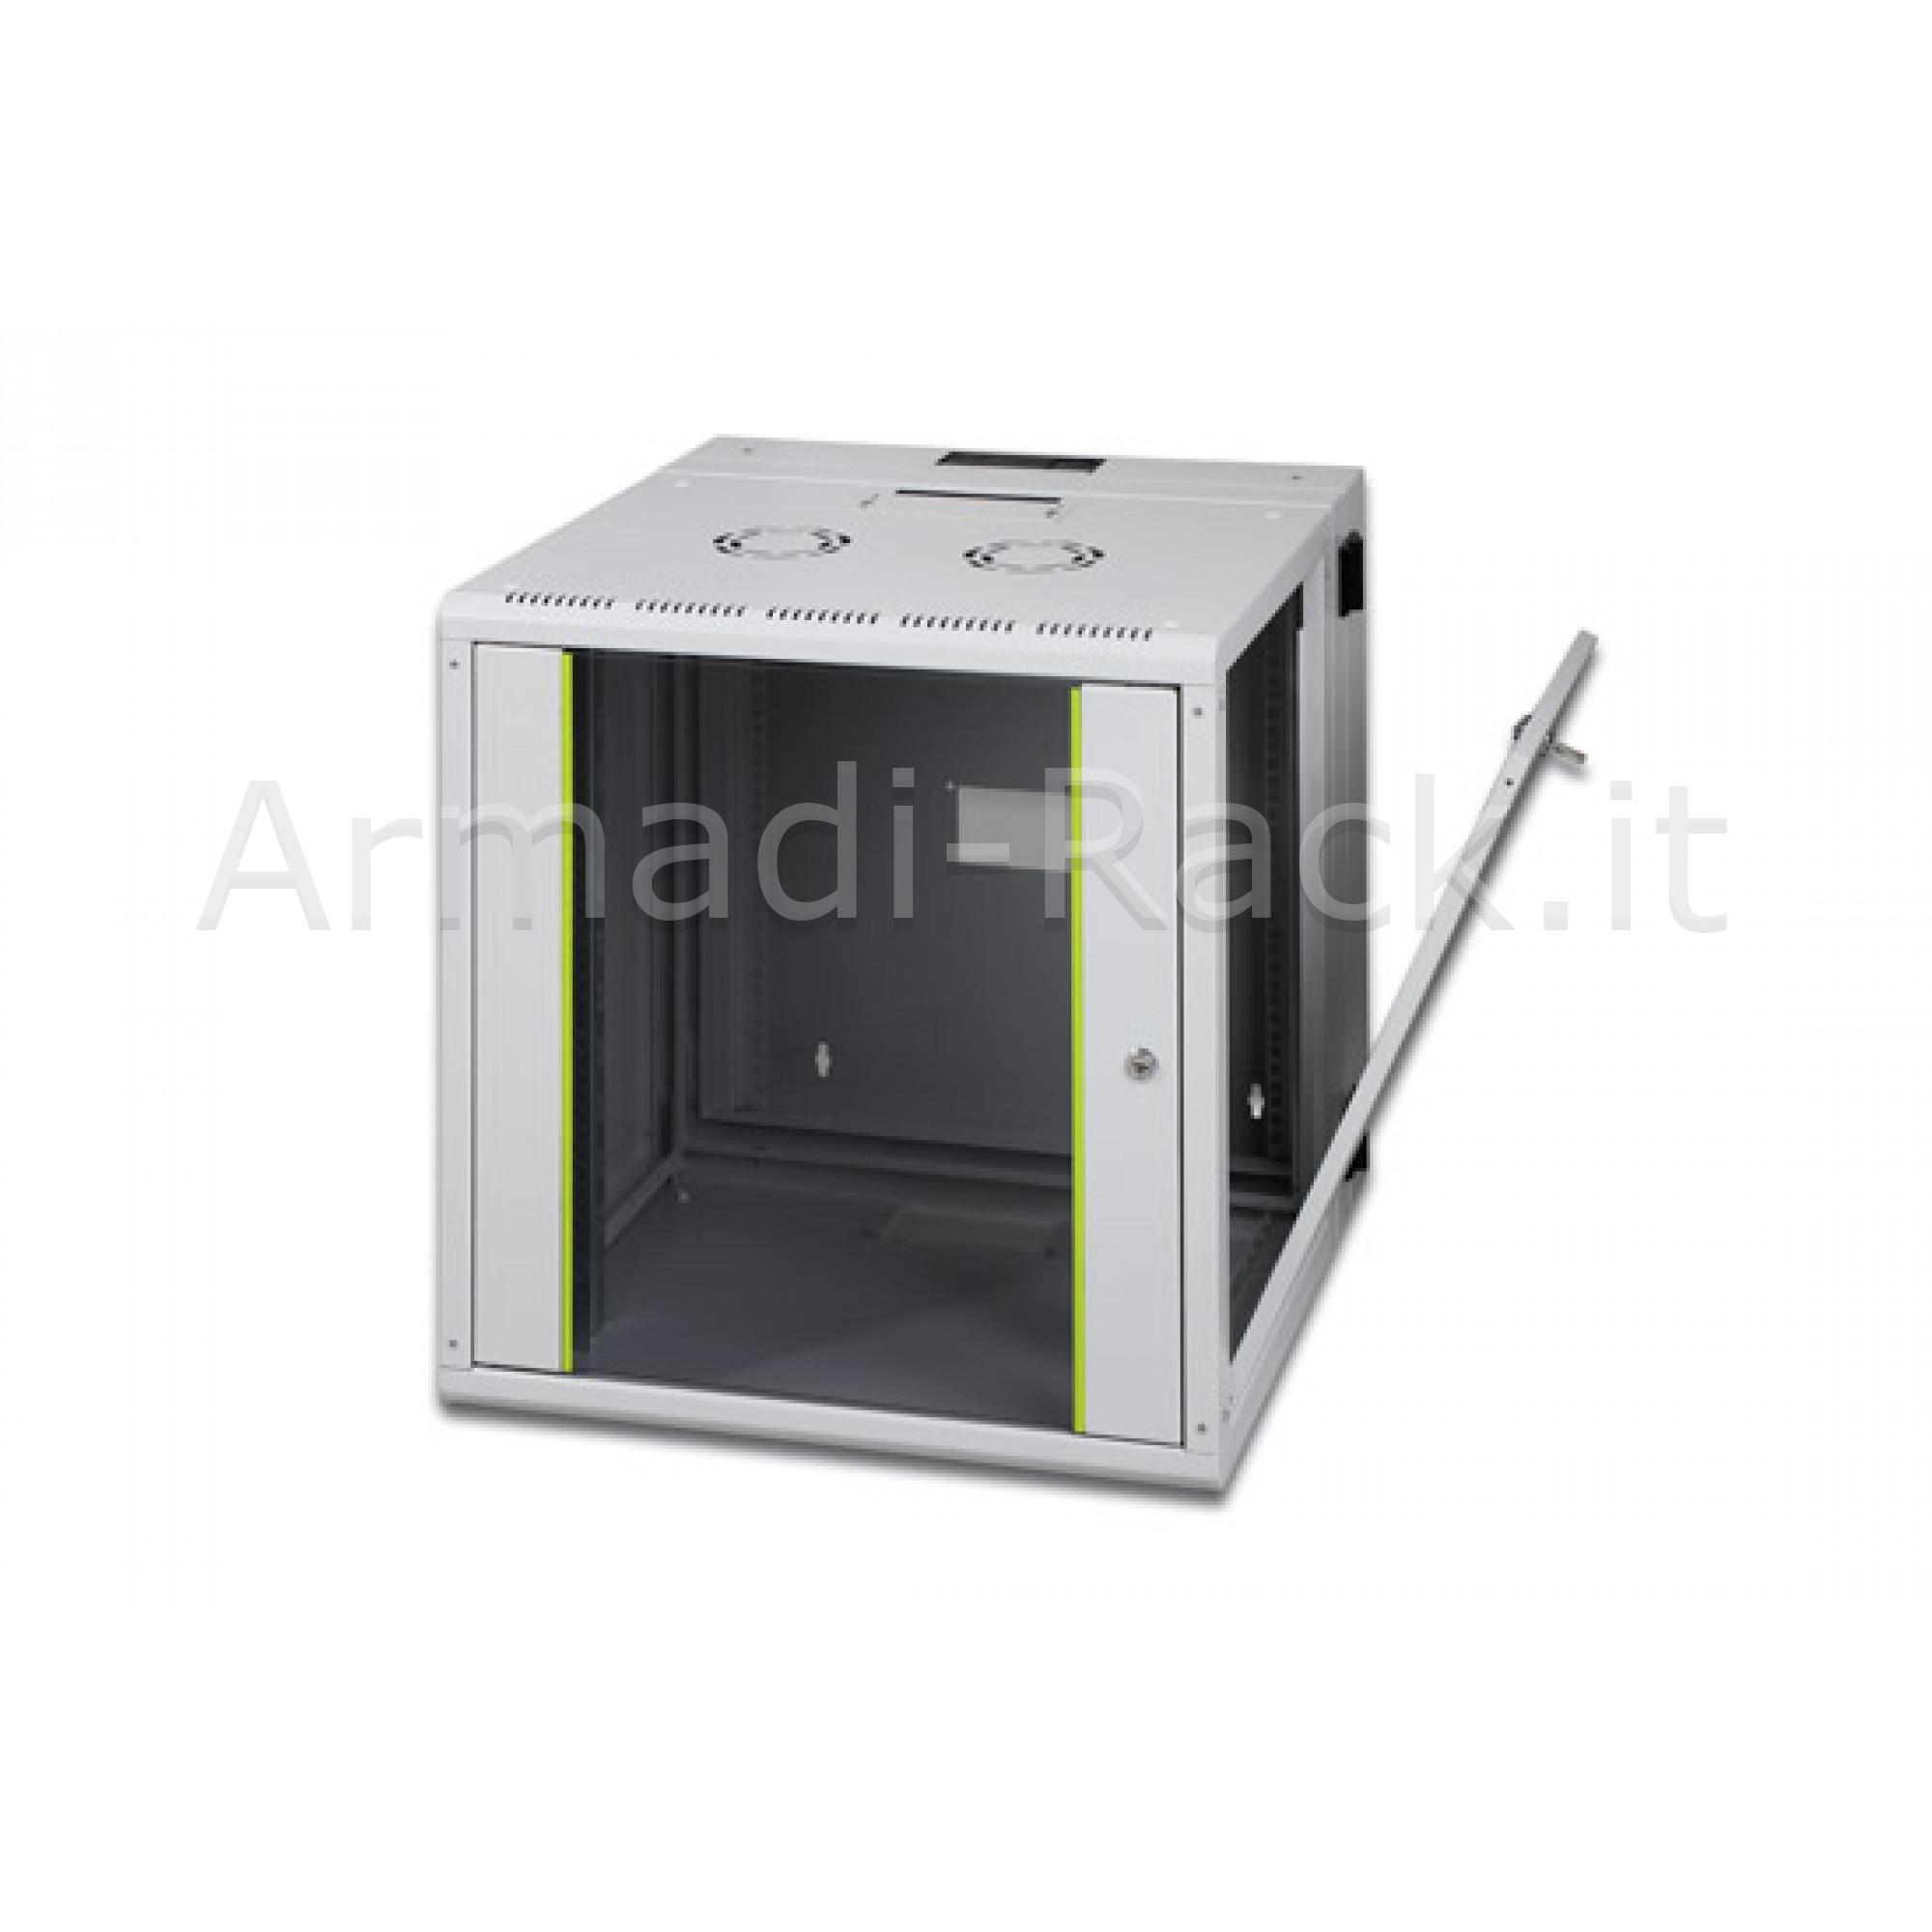 Armadio 7 unita' da muro linea soho (a)420 x (l)600 x (p)600 mm. con doppia sezione colore grigio chiaro ral 7035